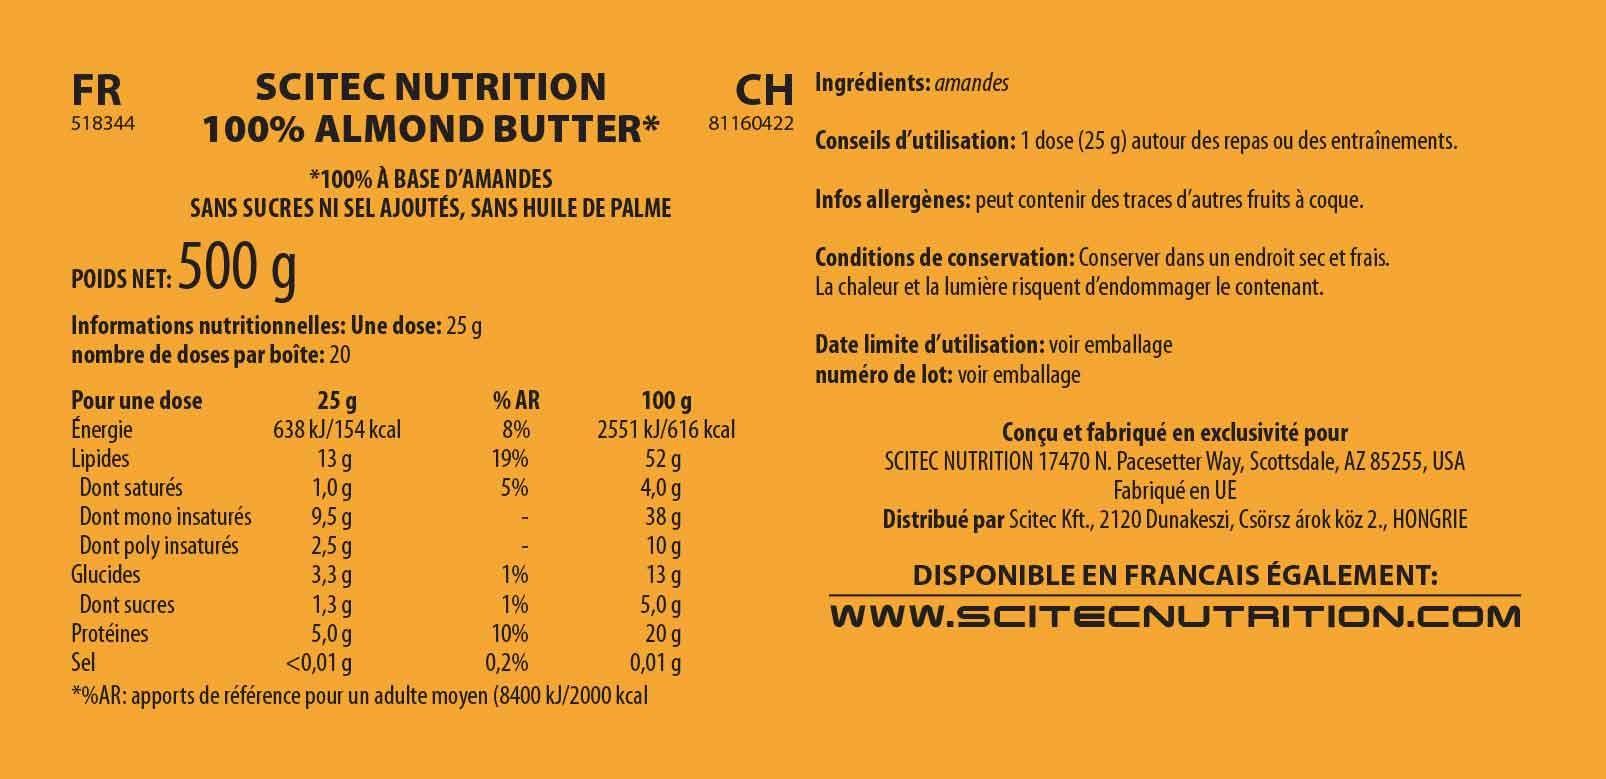 Informations nutritionnelles 100% Almond Butter de Scitec Nutrition